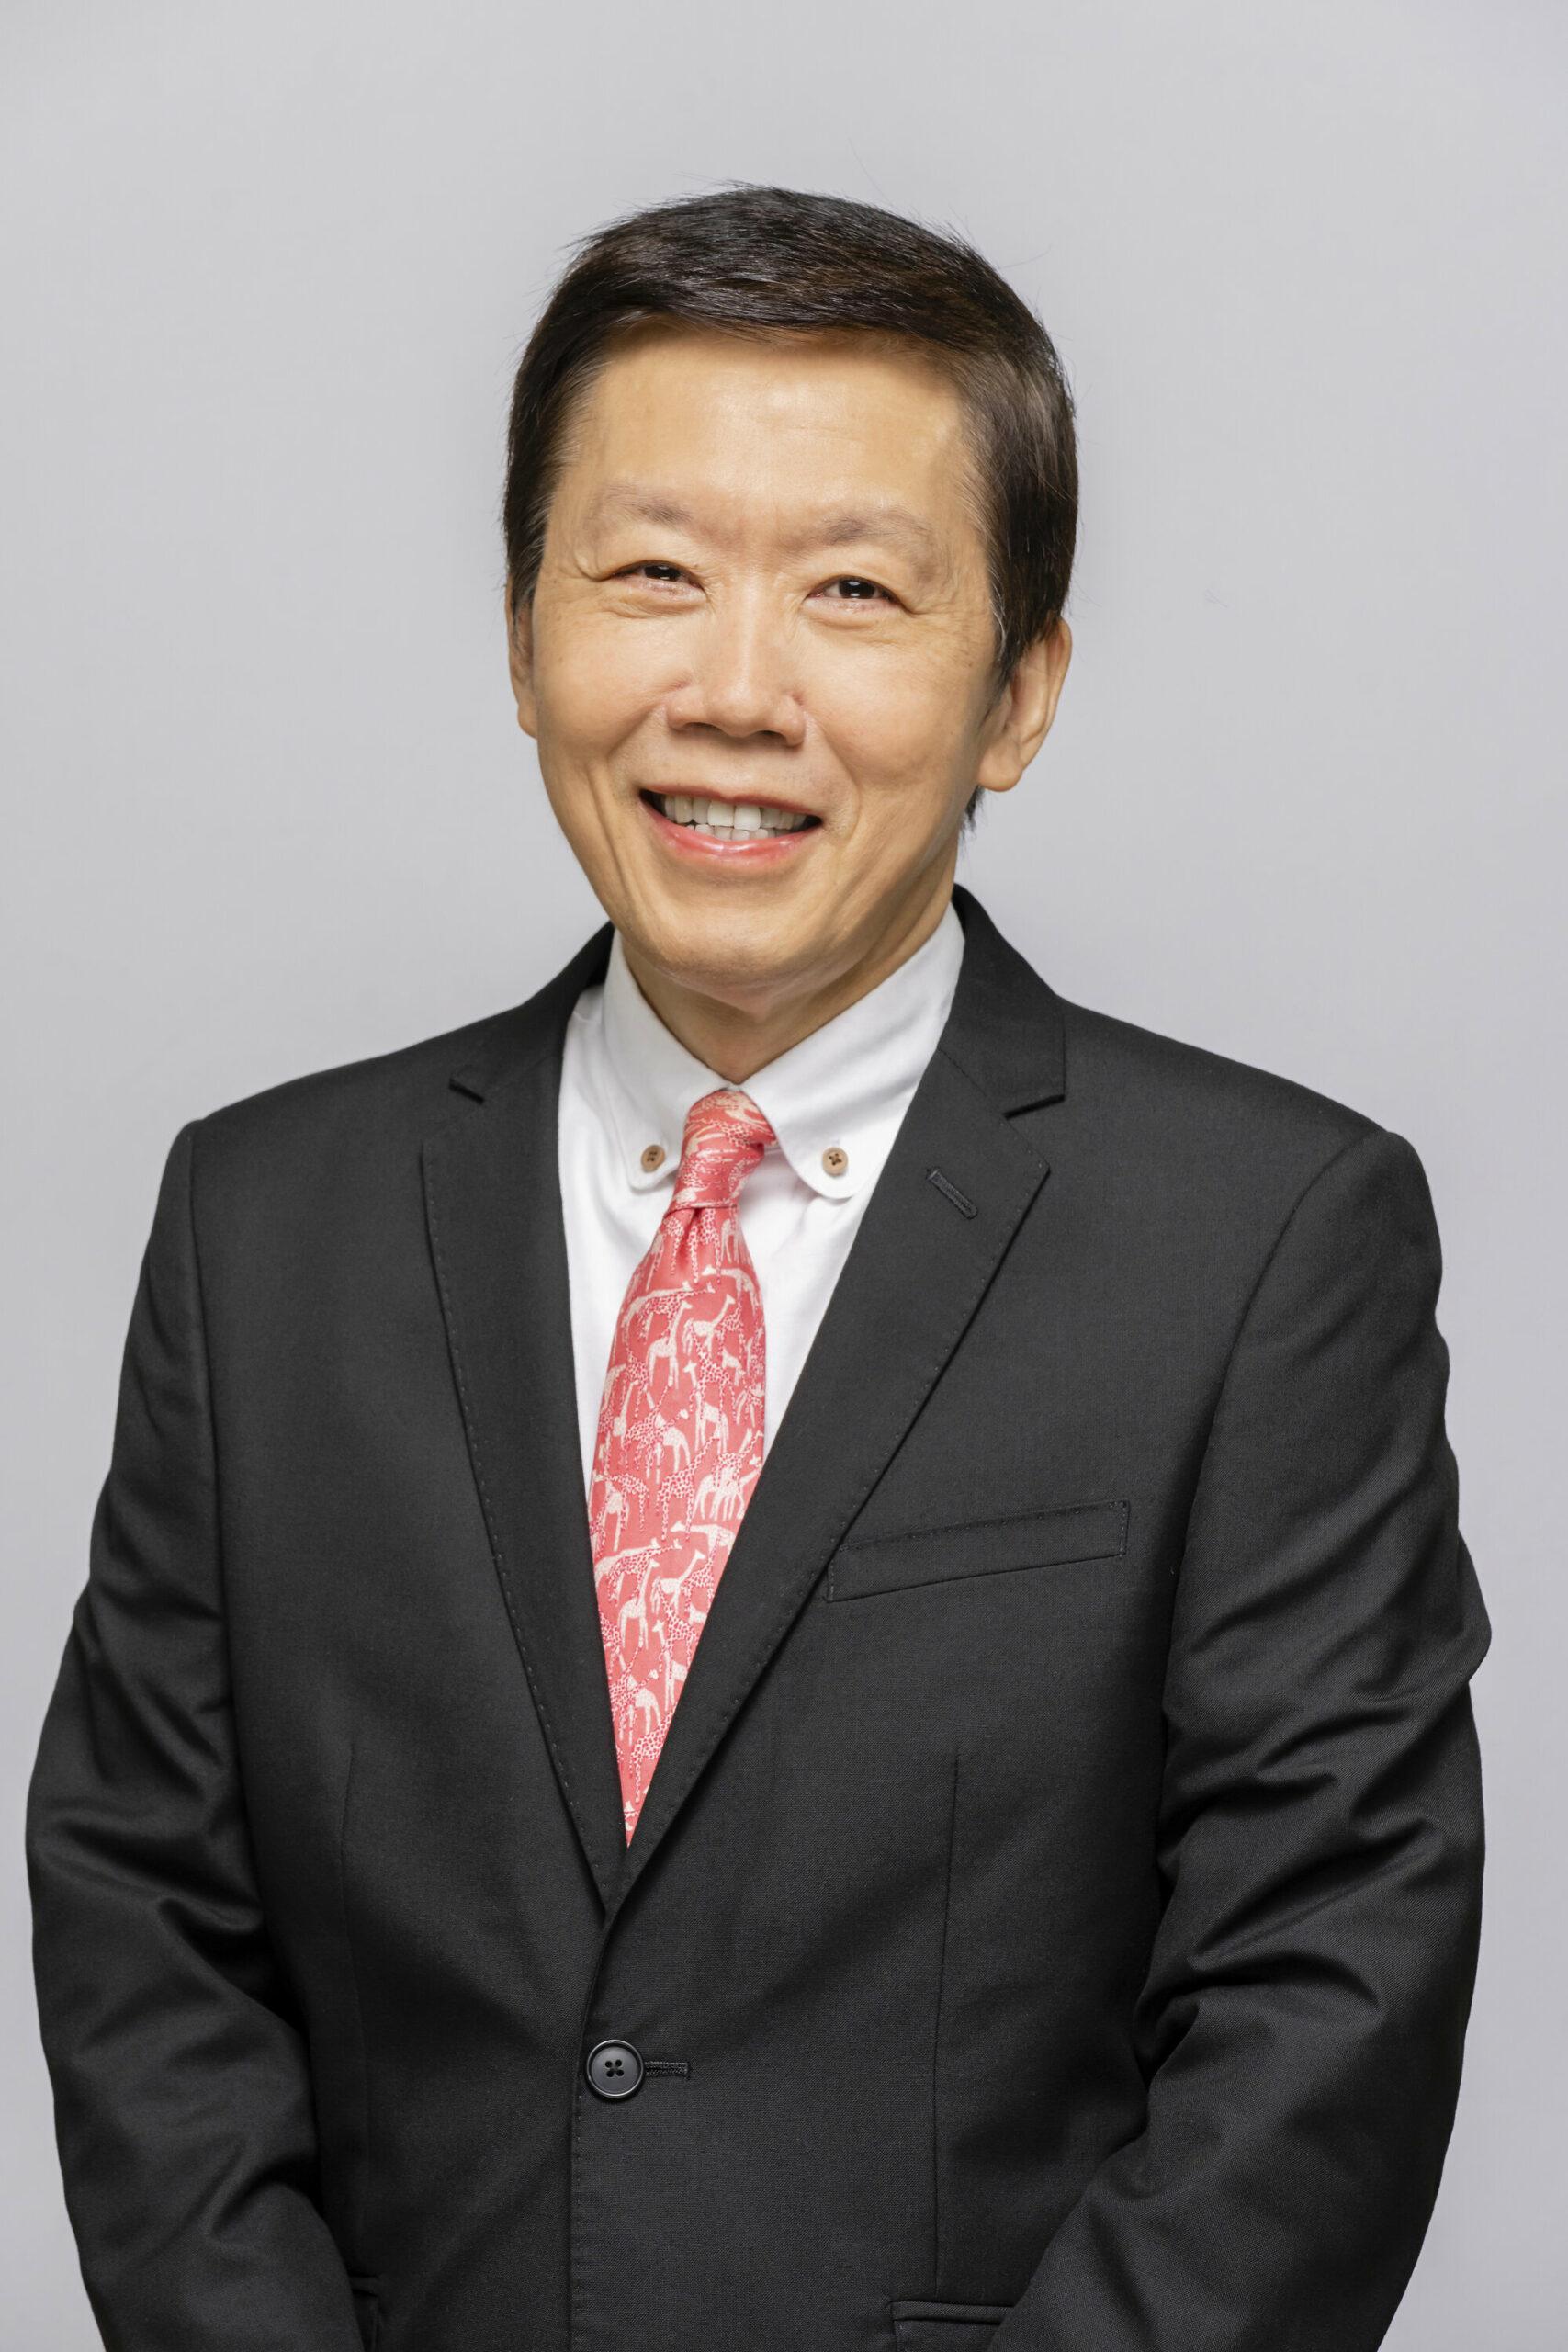 Mr Ng Kian Swan